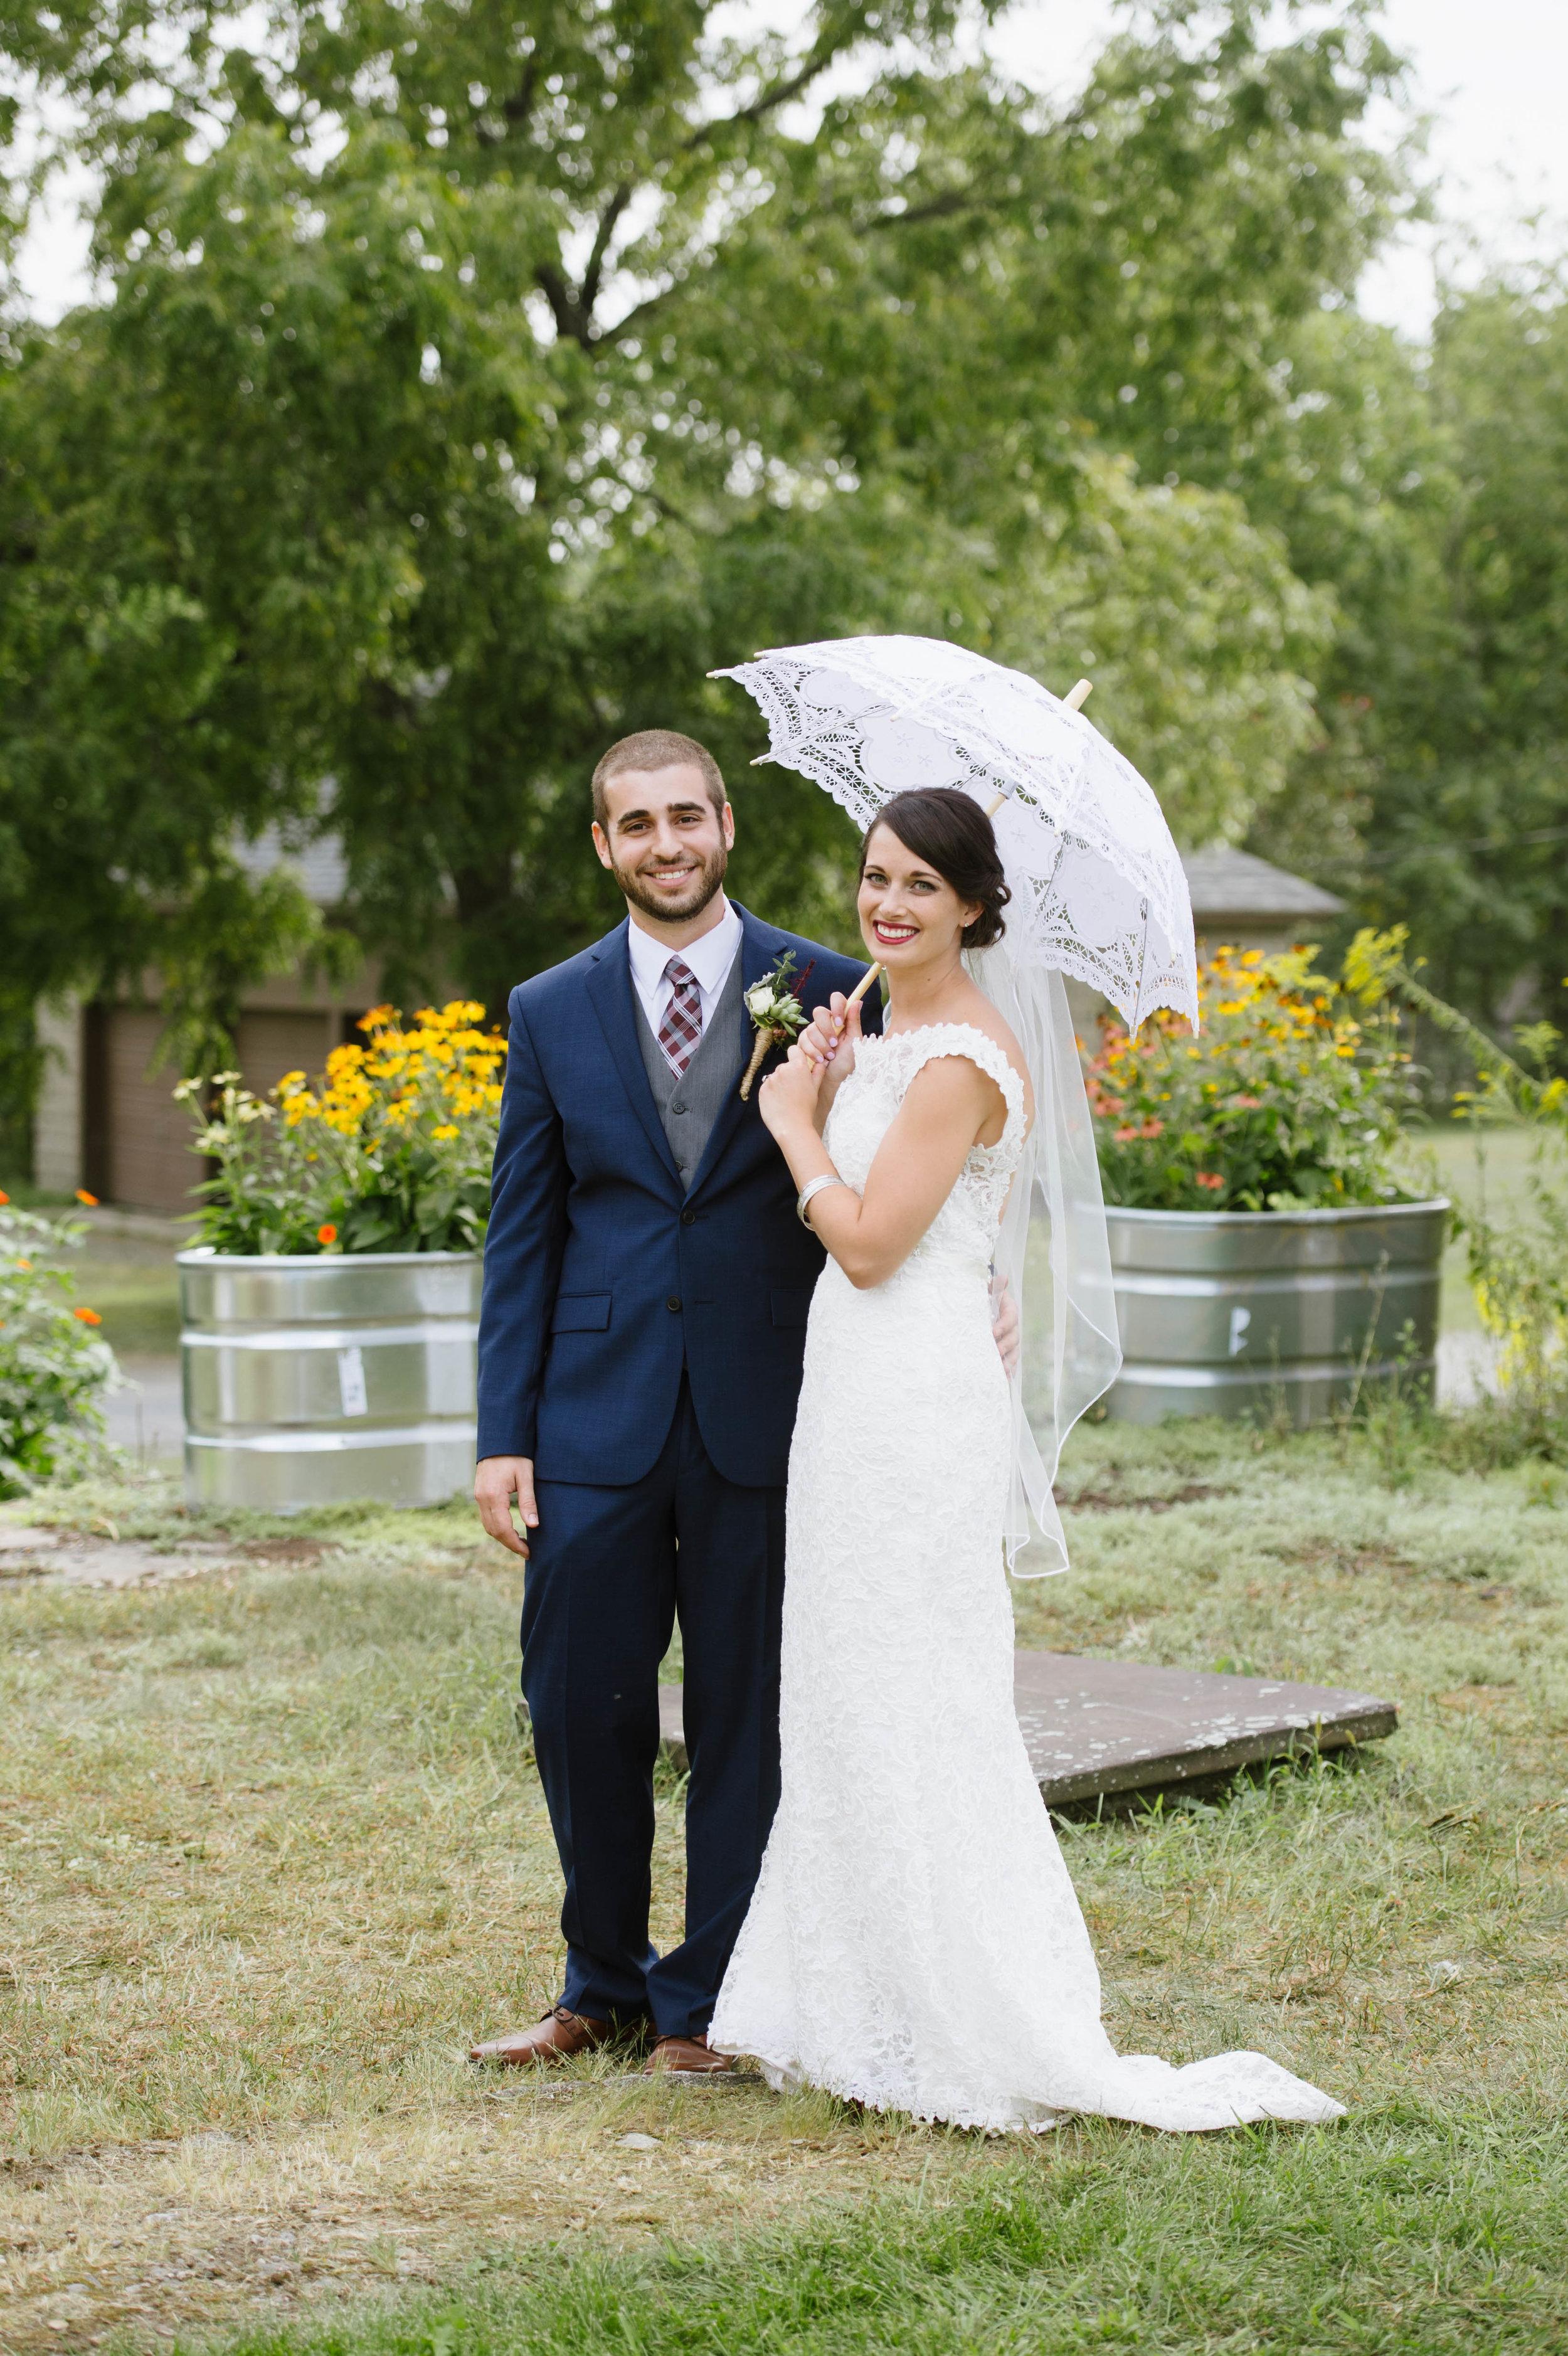 Hidden-Gem-Wedding-Venue-Massachusetts002.jpg